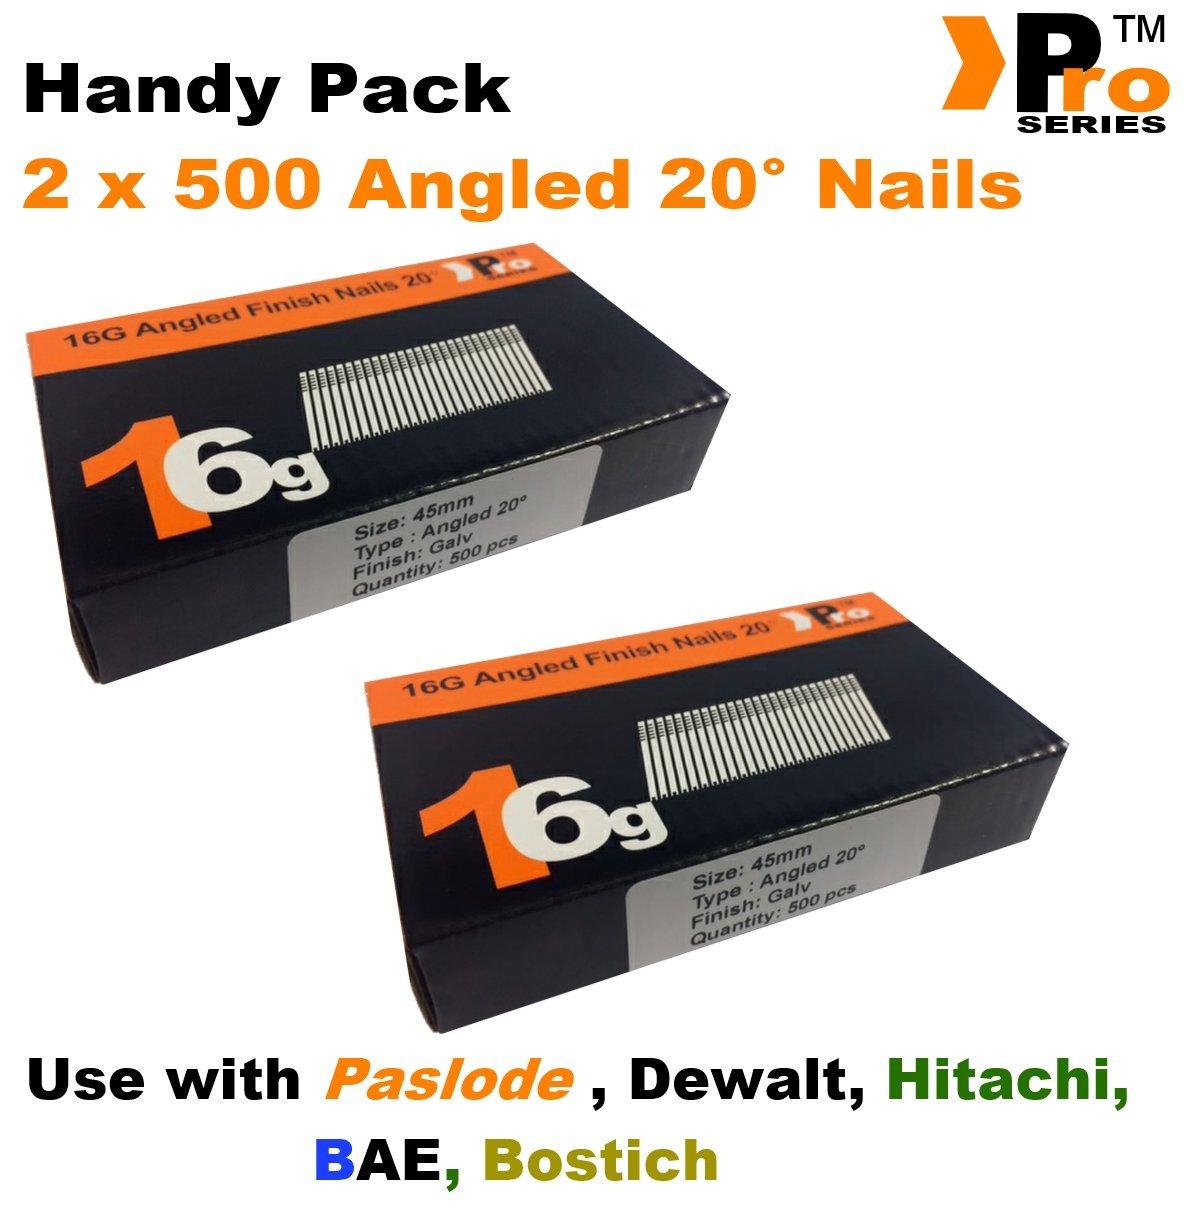 /pour Dewalt 1000/clous/ Hitachi Paslode 2/x 500 /16/G coud/é /à 20//°/